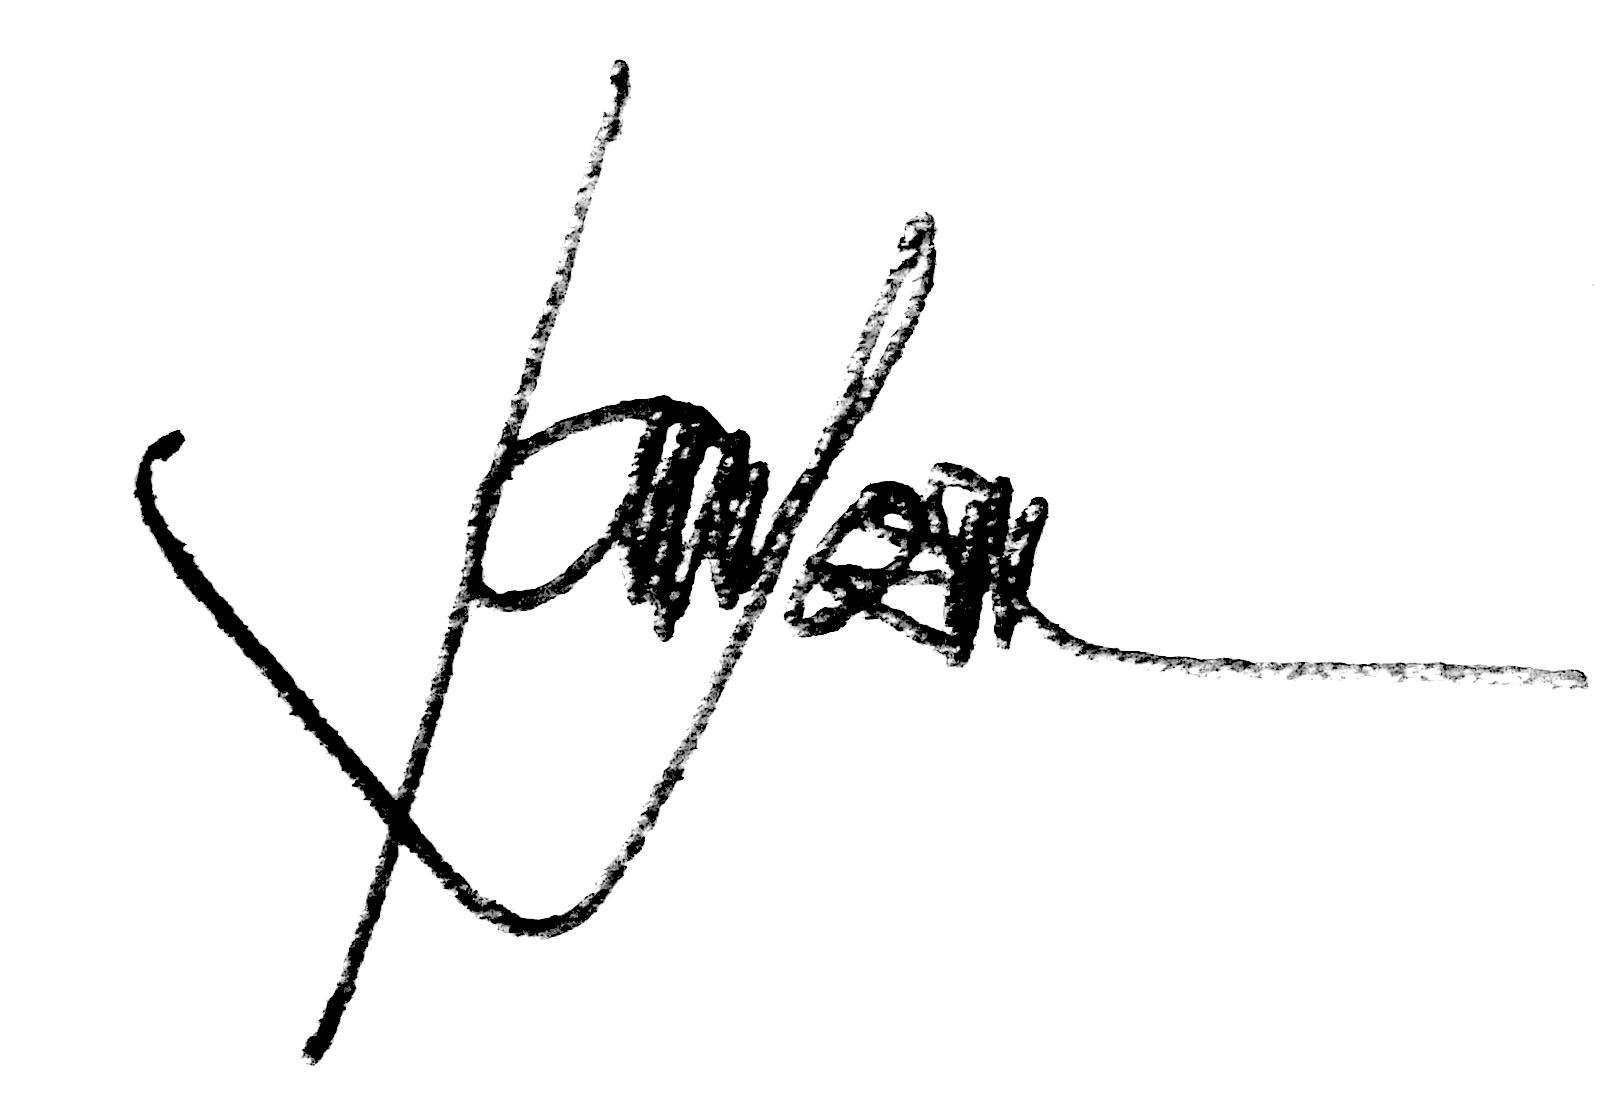 GGMODELS EXOTICA's Signature